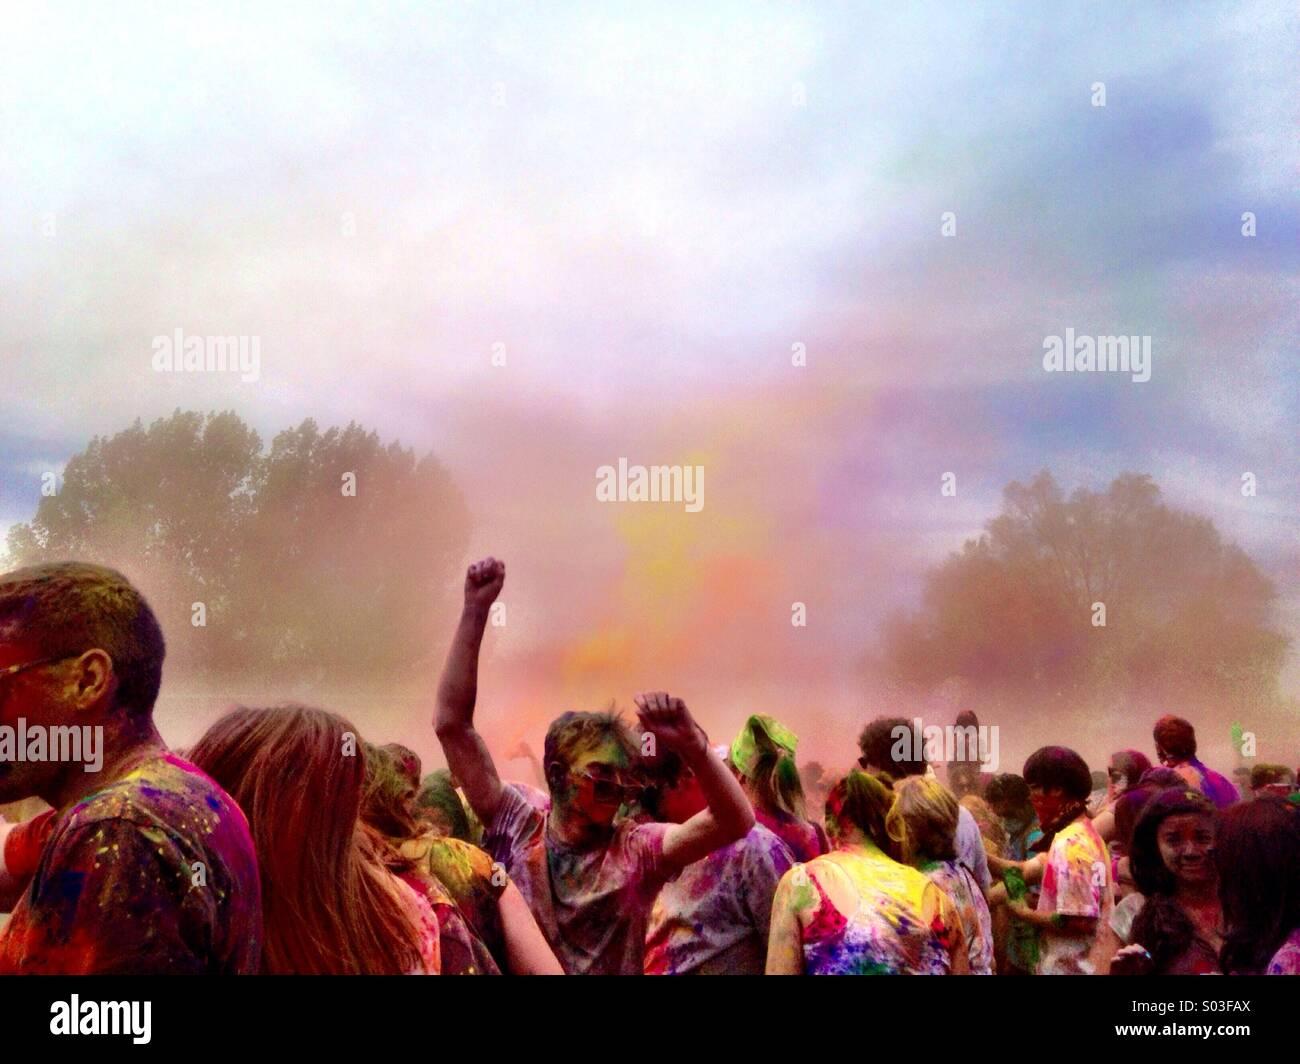 Die Menge an das Holi-Fest der Farben in Salt Lake City, UT. Stockbild